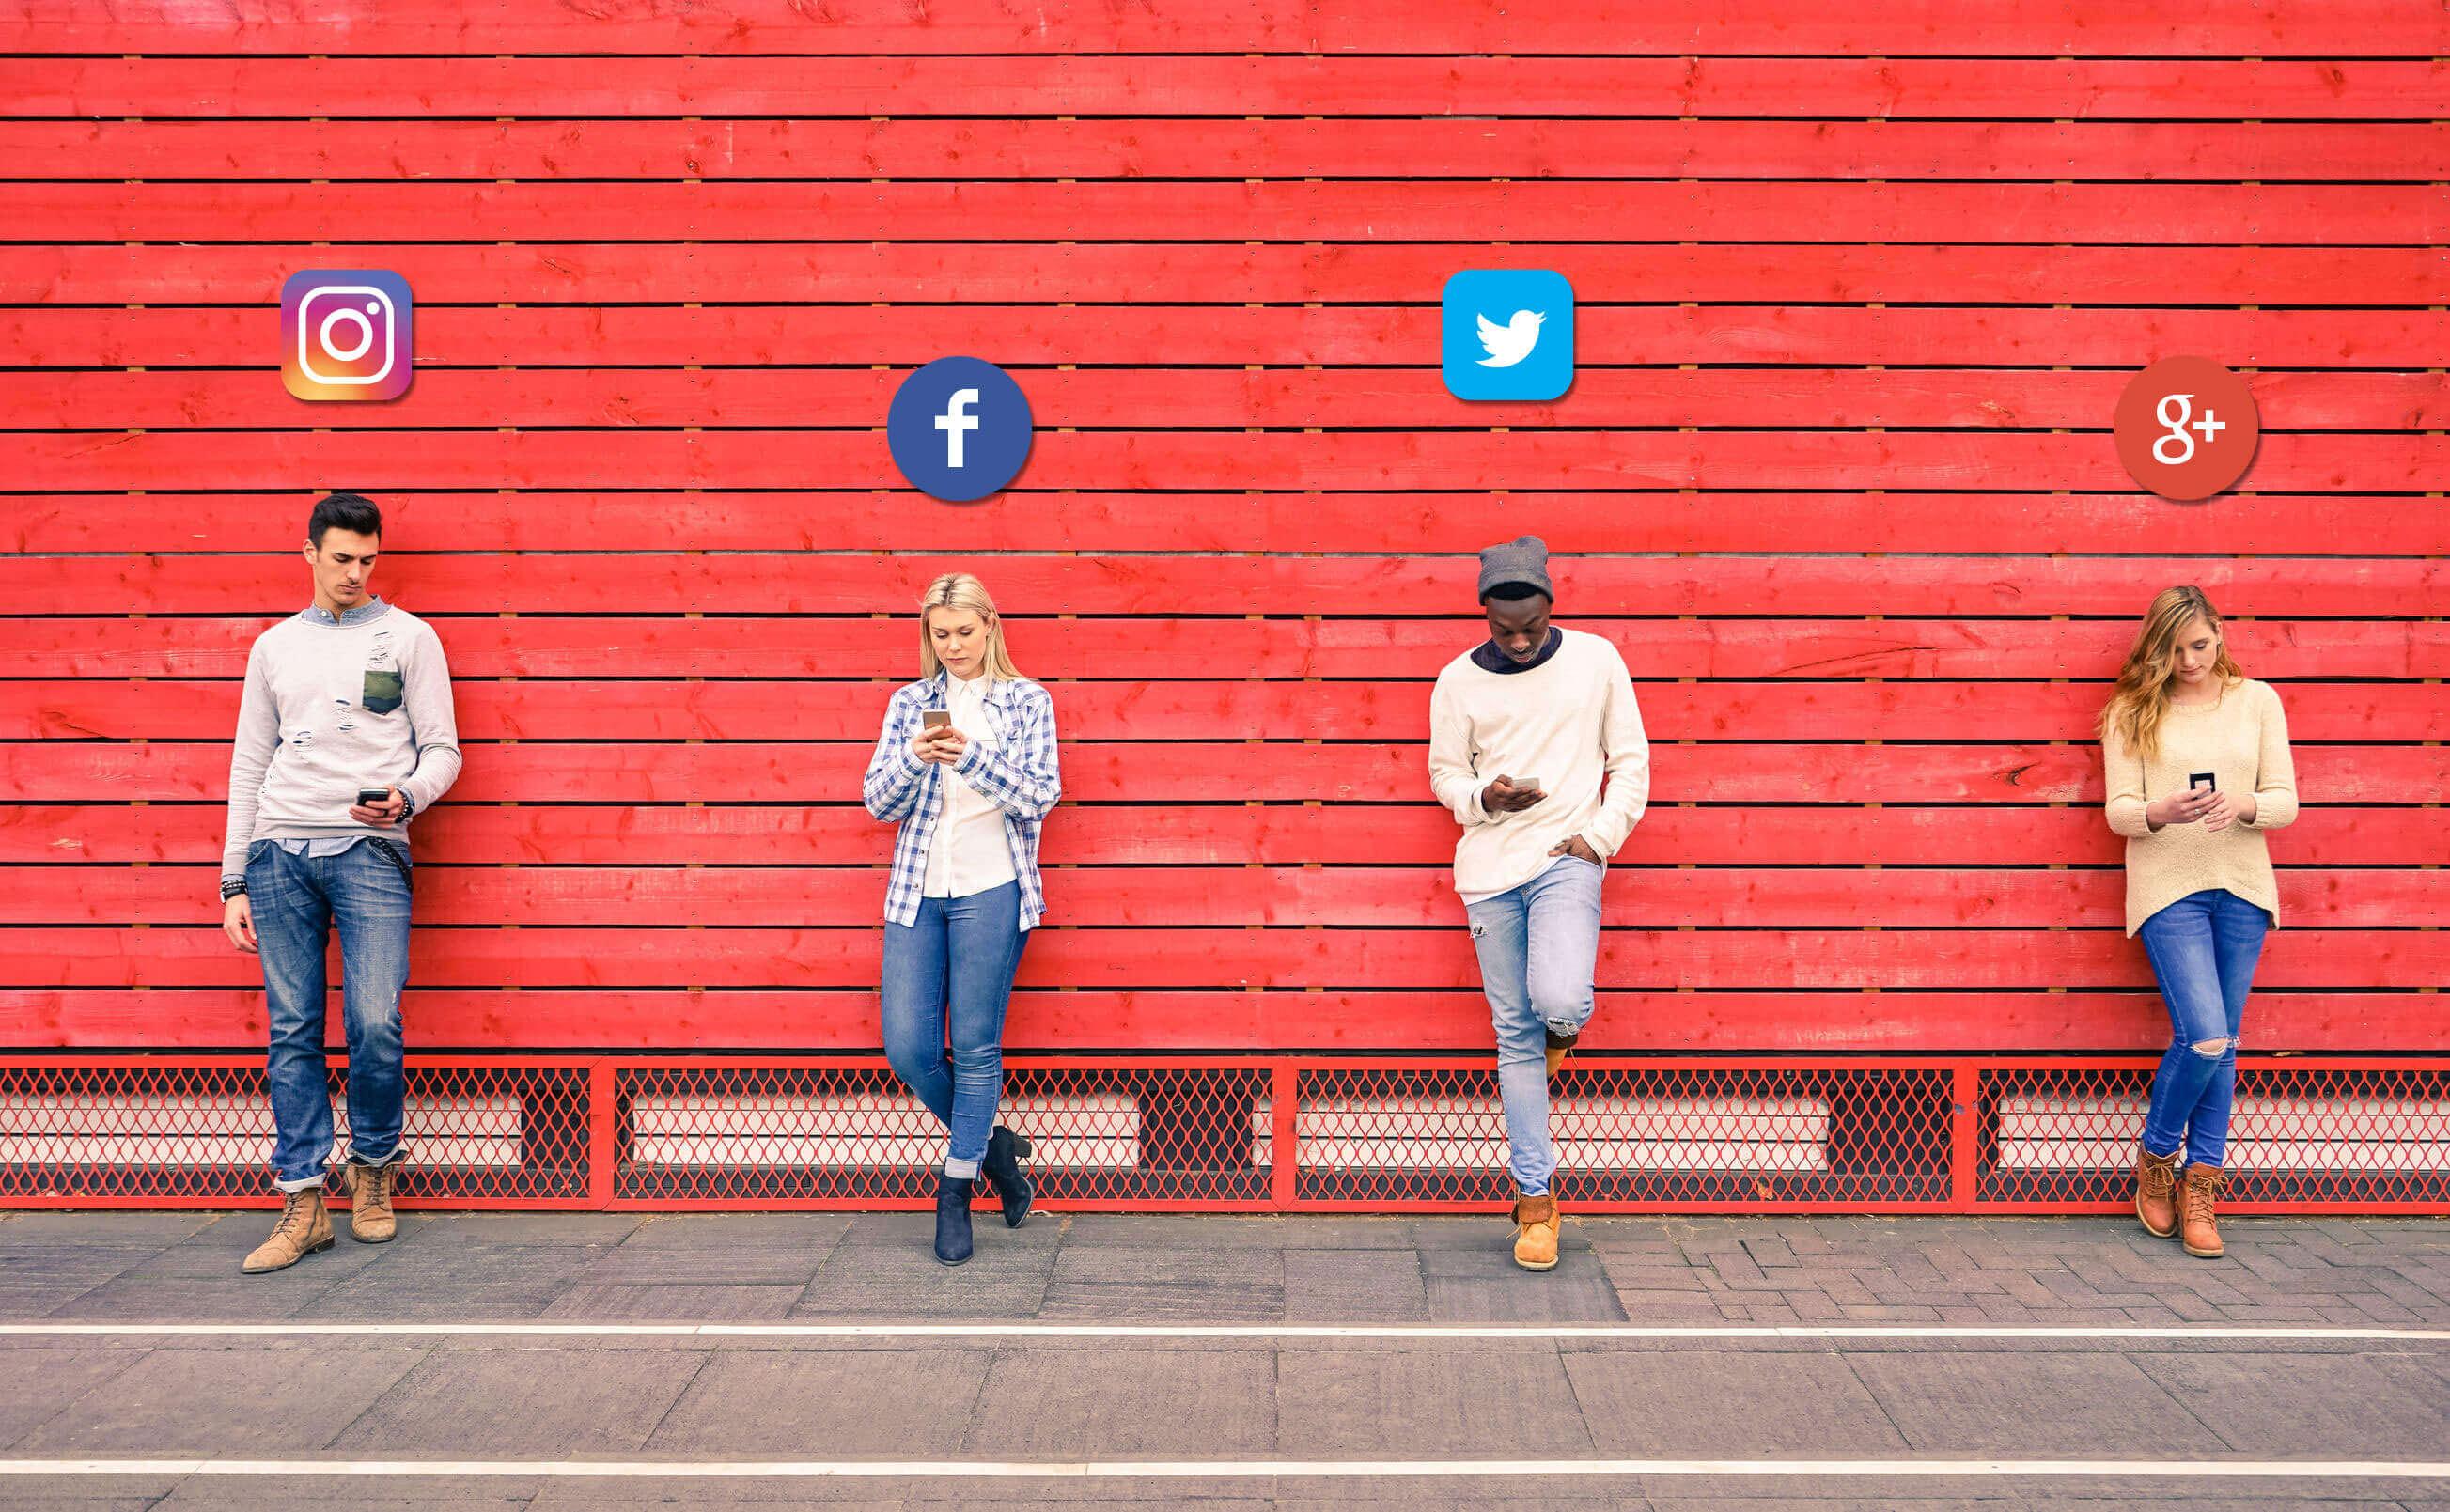 nashville social media advertising